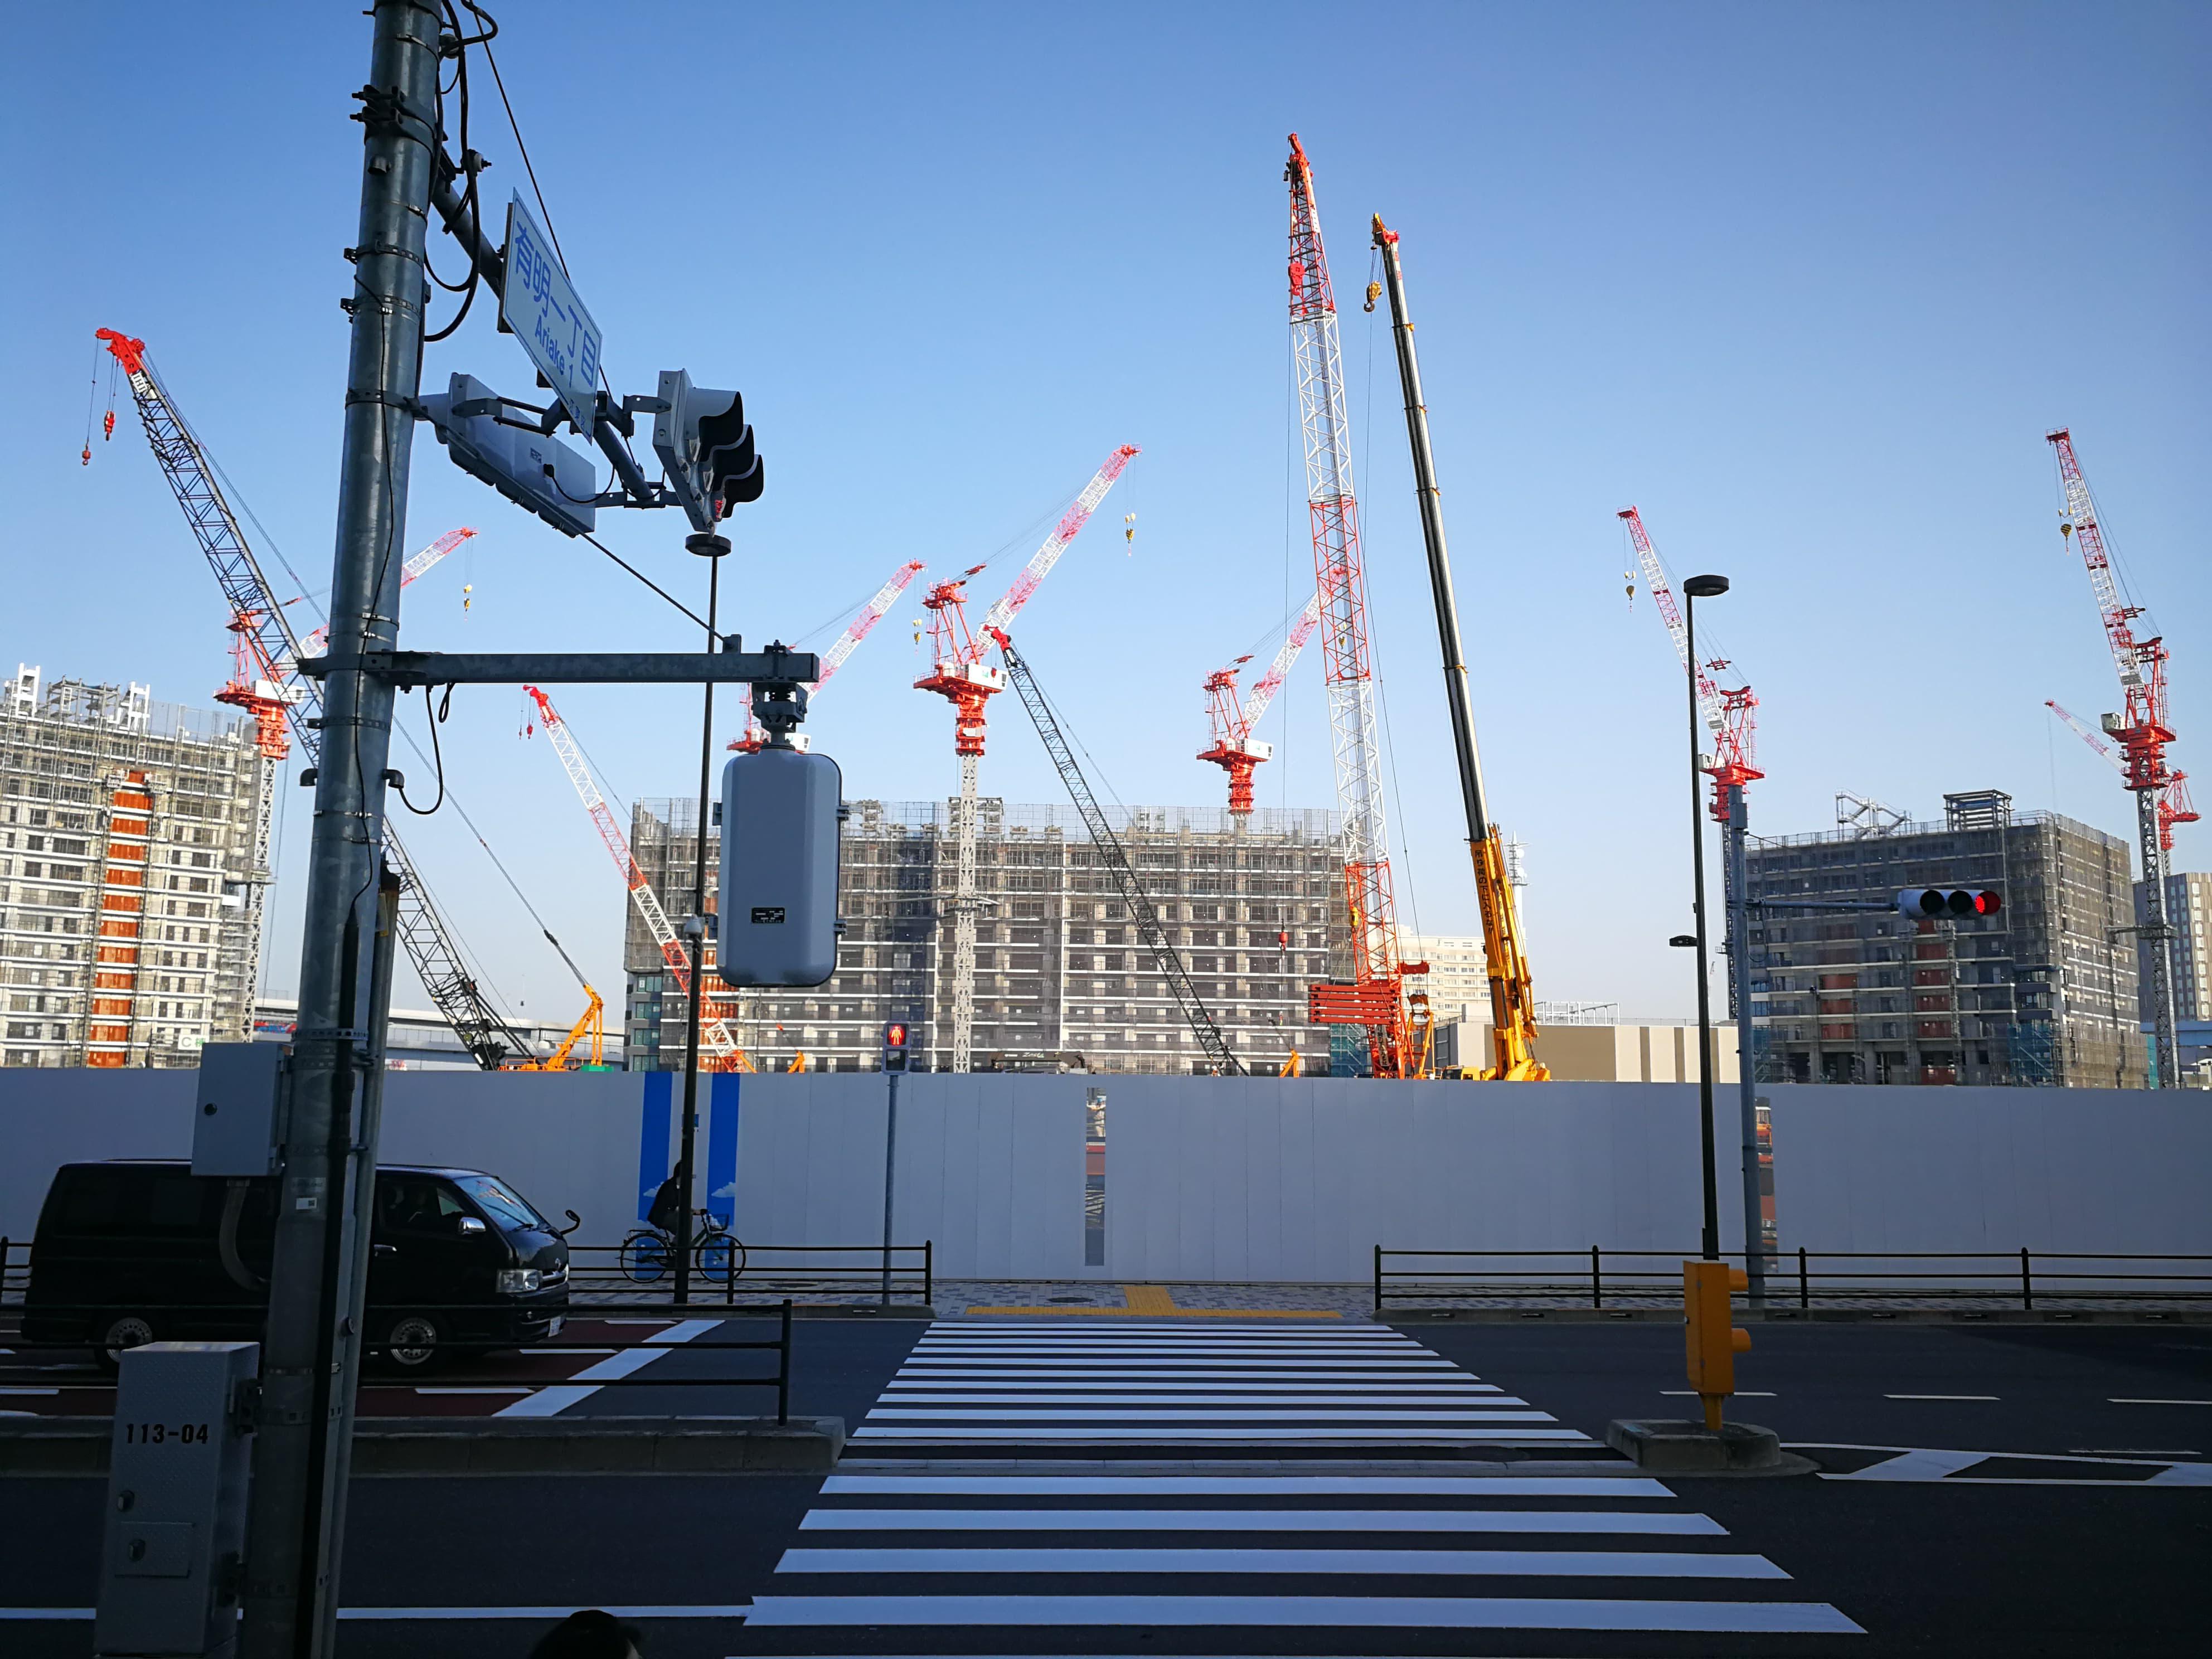 シティタワー有明 建設中のシティタワー東京ベイズを真正面からみて見る